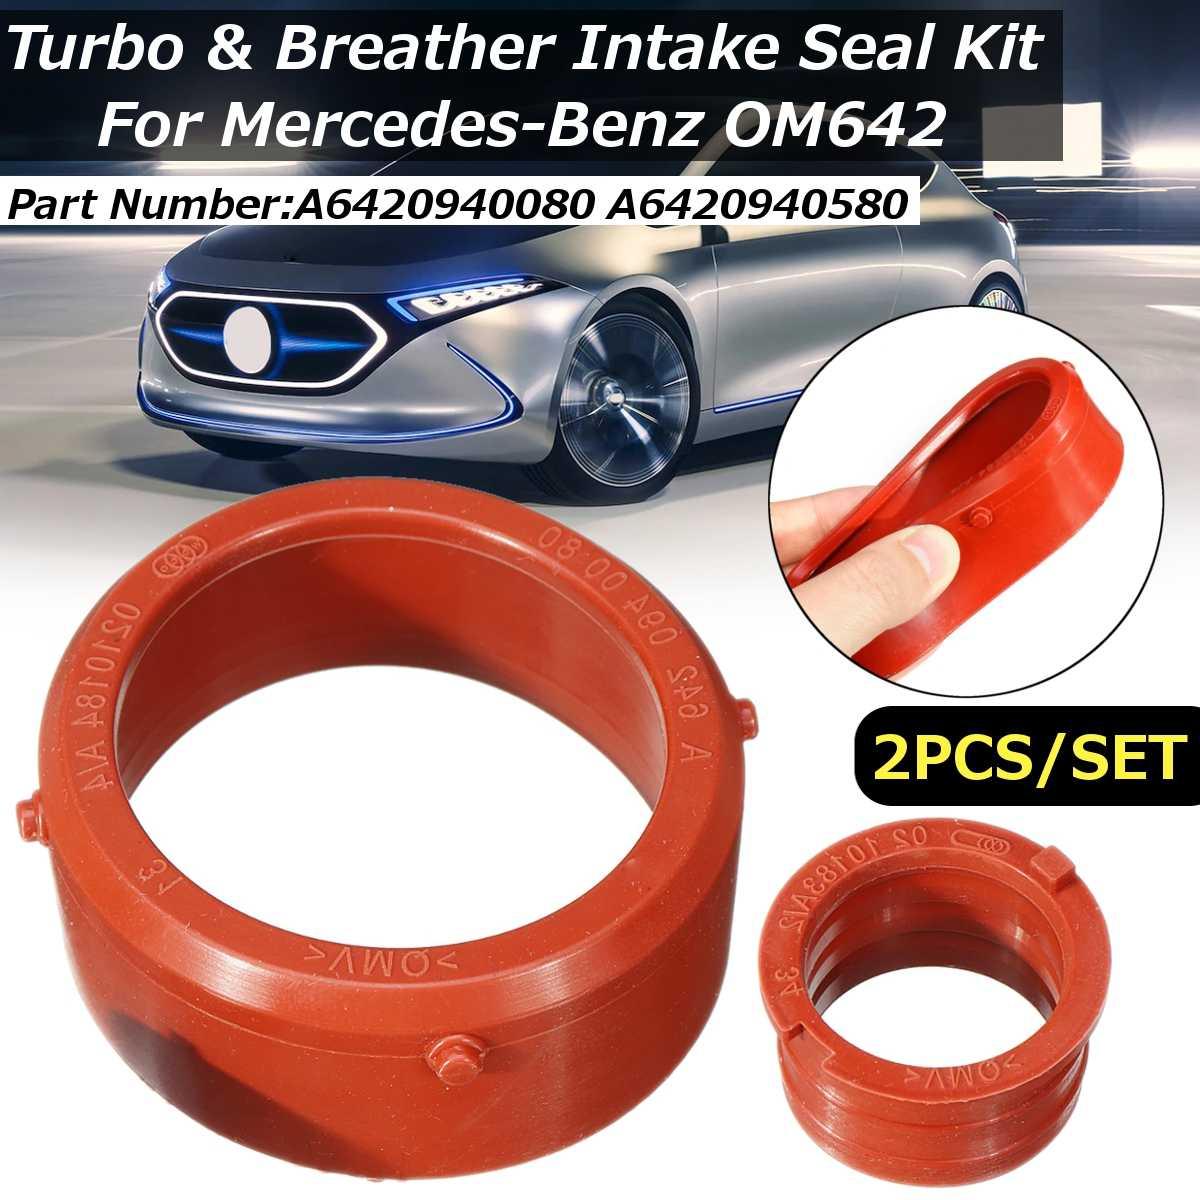 2 stücke Auto motor A6420940080 Turbo Intake Dichtung & Motor Verschnaufpause Dichtung Kit für Mercedes-Benz OM642 Motoren Motor zubehör